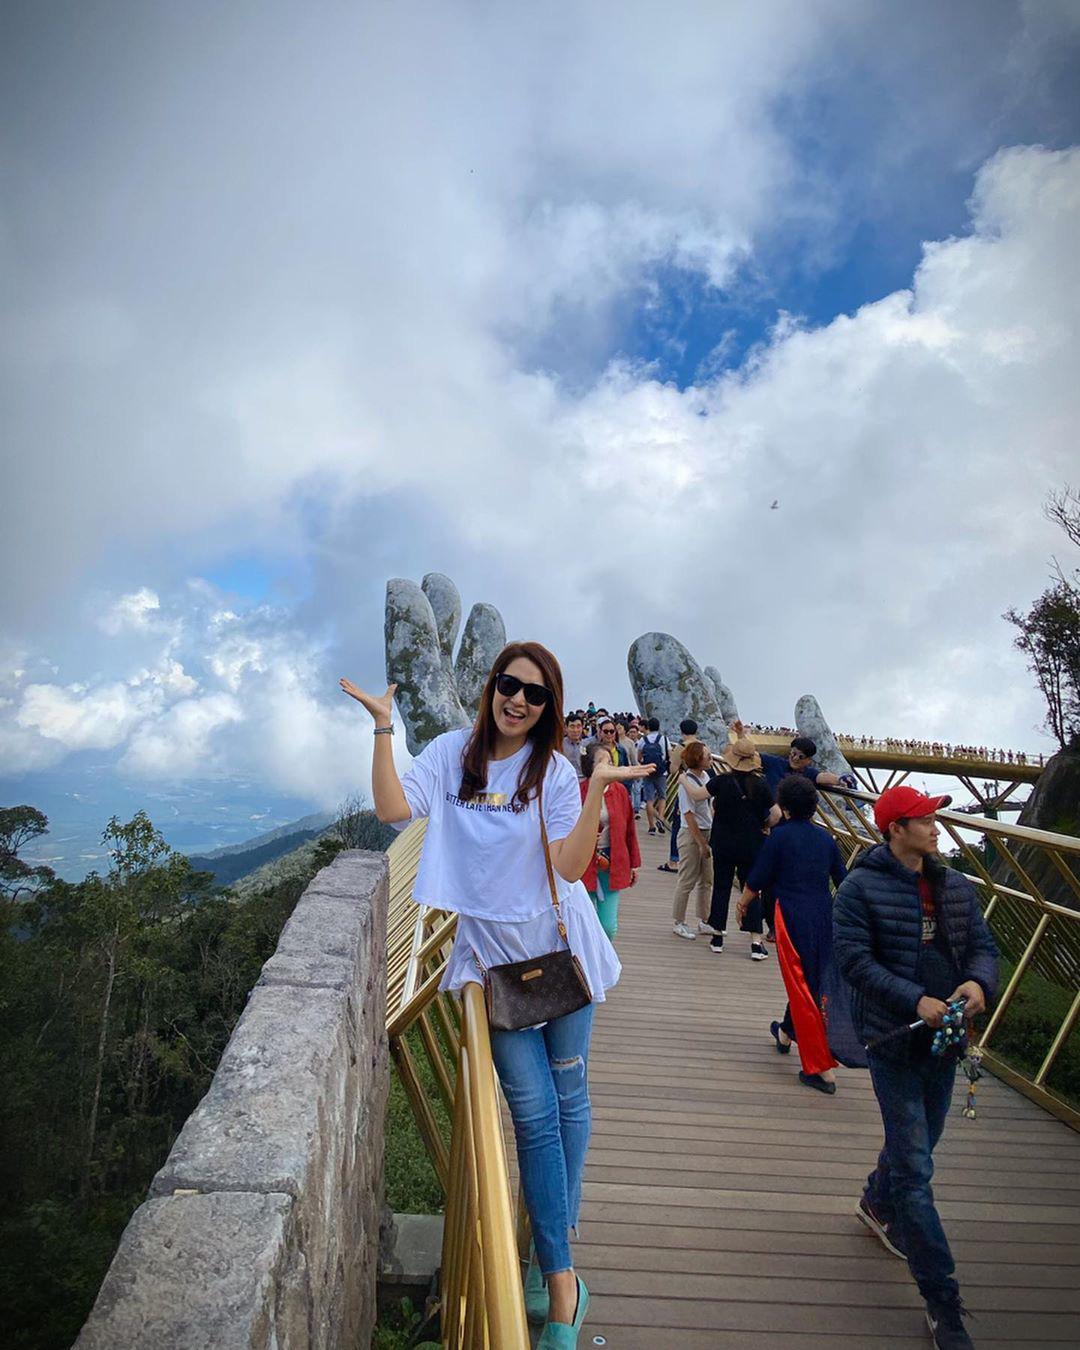 Tour du lịch Tết TP HCM - Đà Nẵng 3 ngày 2 đêm - Ảnh 4.